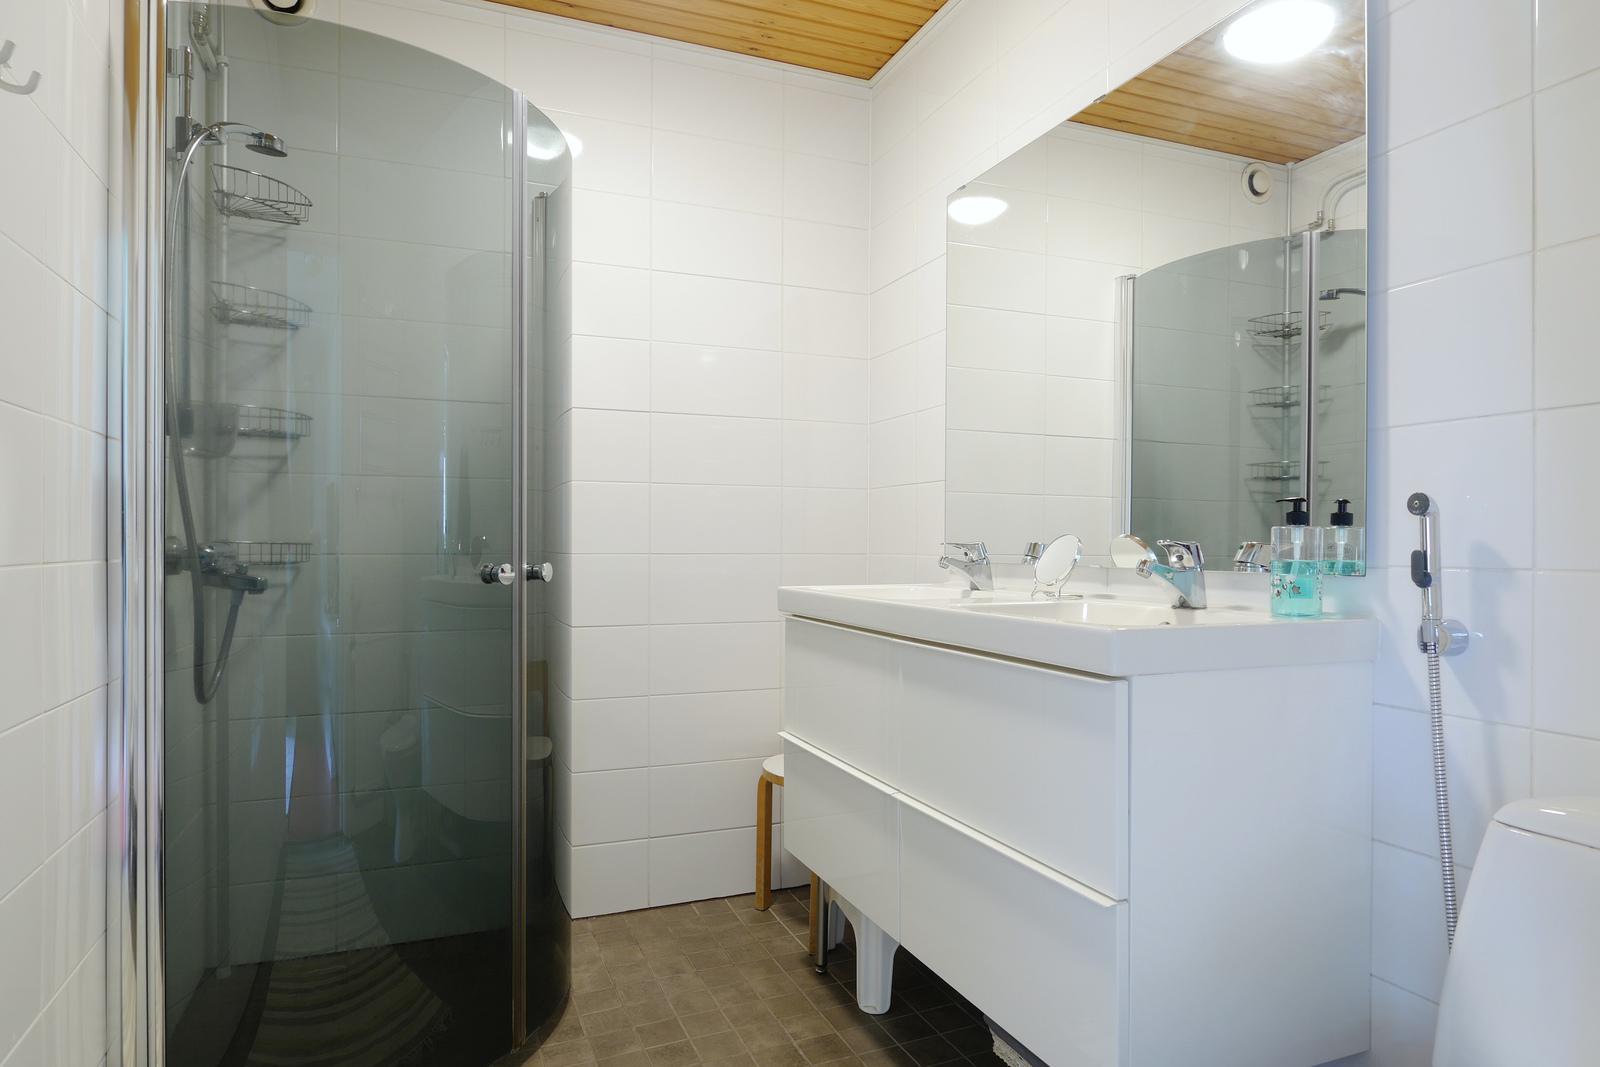 2. Pesuhuone